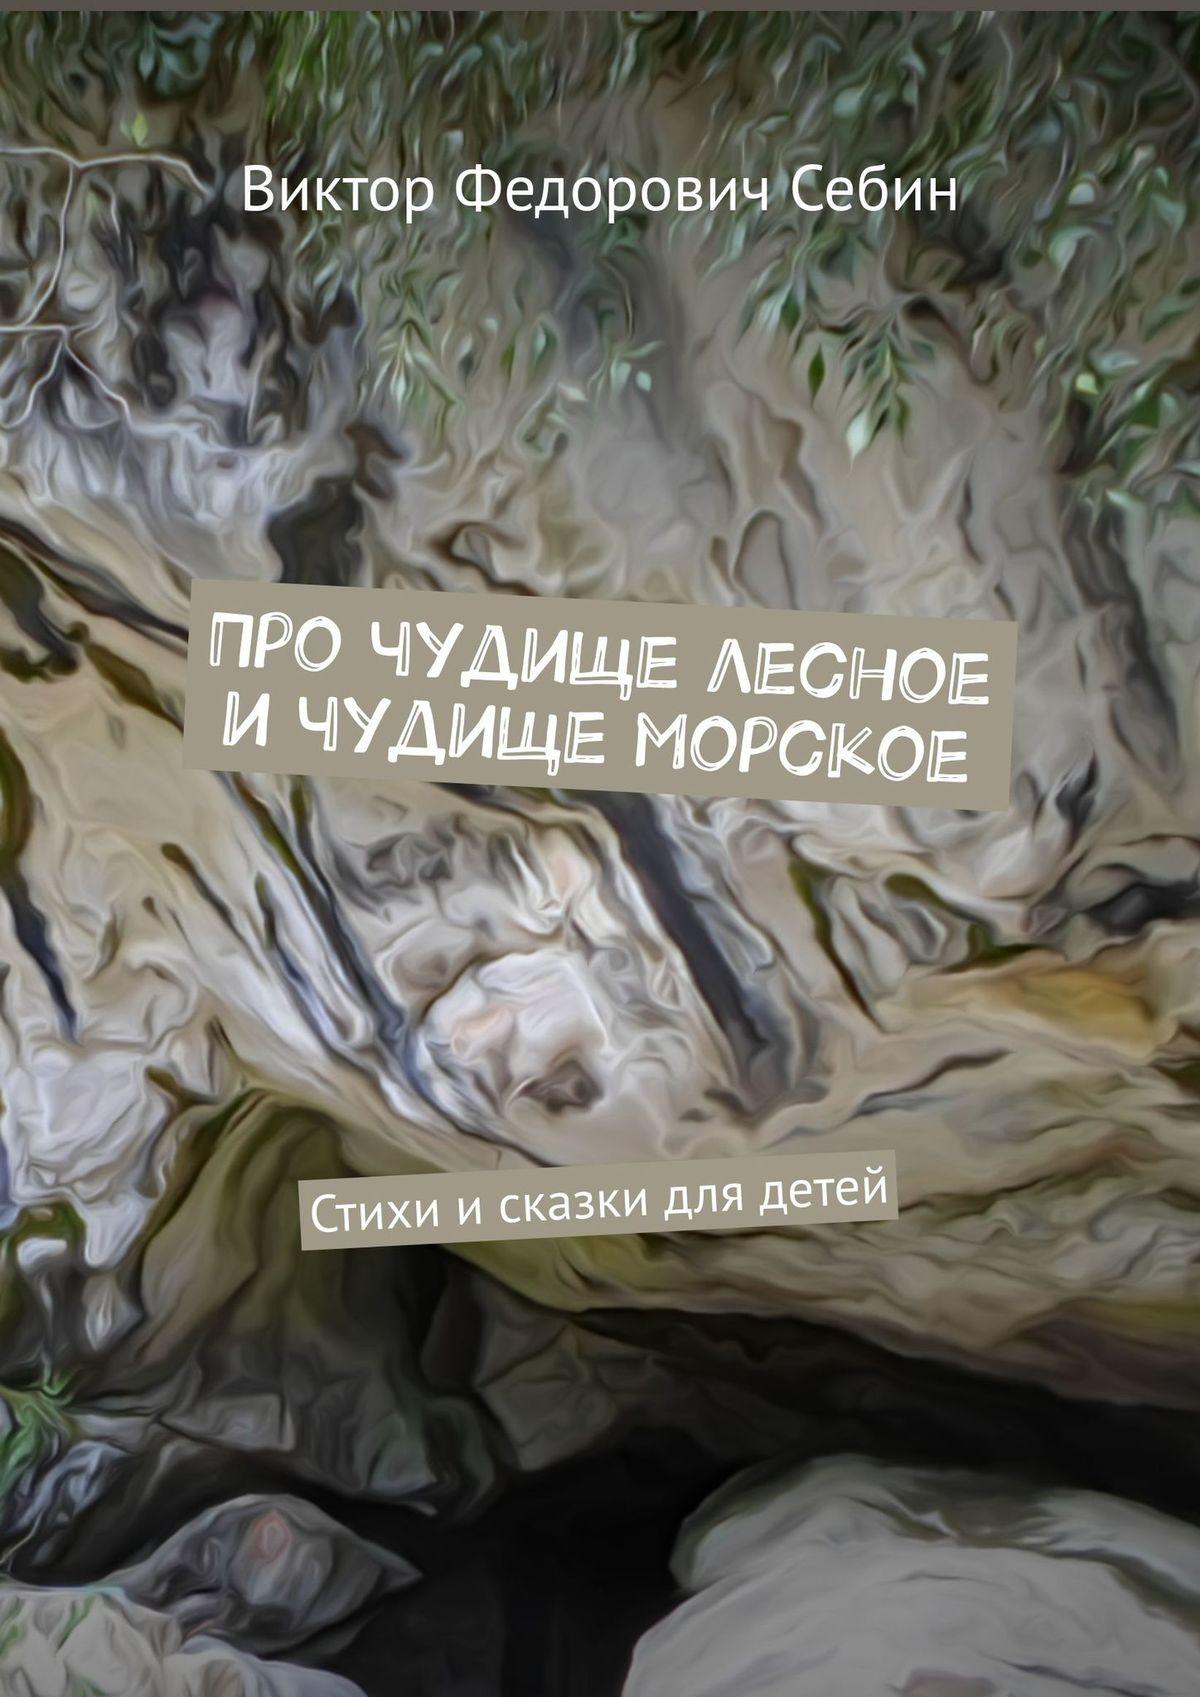 Виктор Федорович Себин Про чудище лесное ичудище морское. Стихи исказки длядетей николай бельков чудище